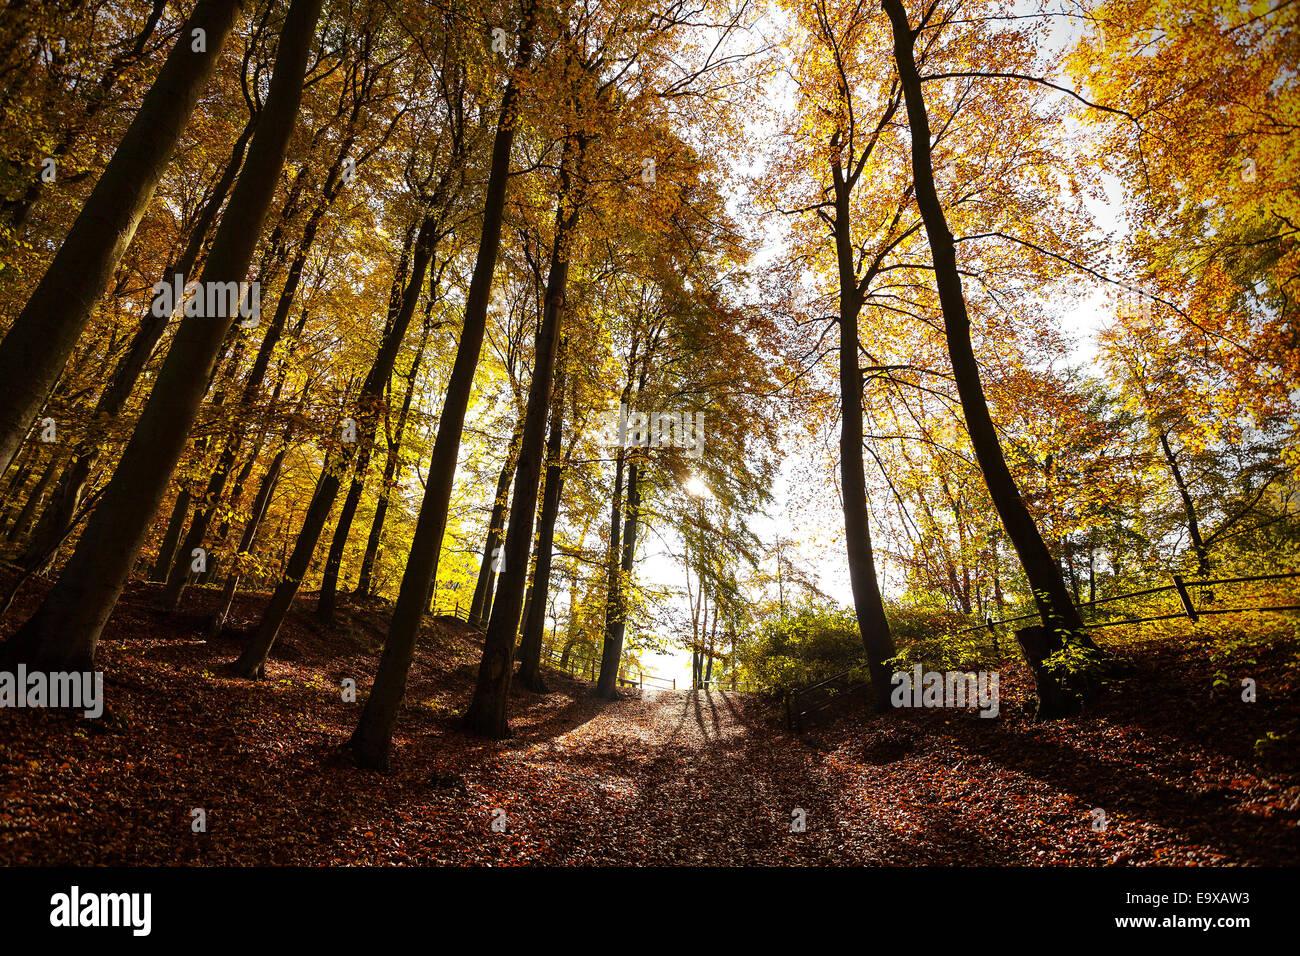 Autunno misterioso paesaggio forestale. Immagini Stock